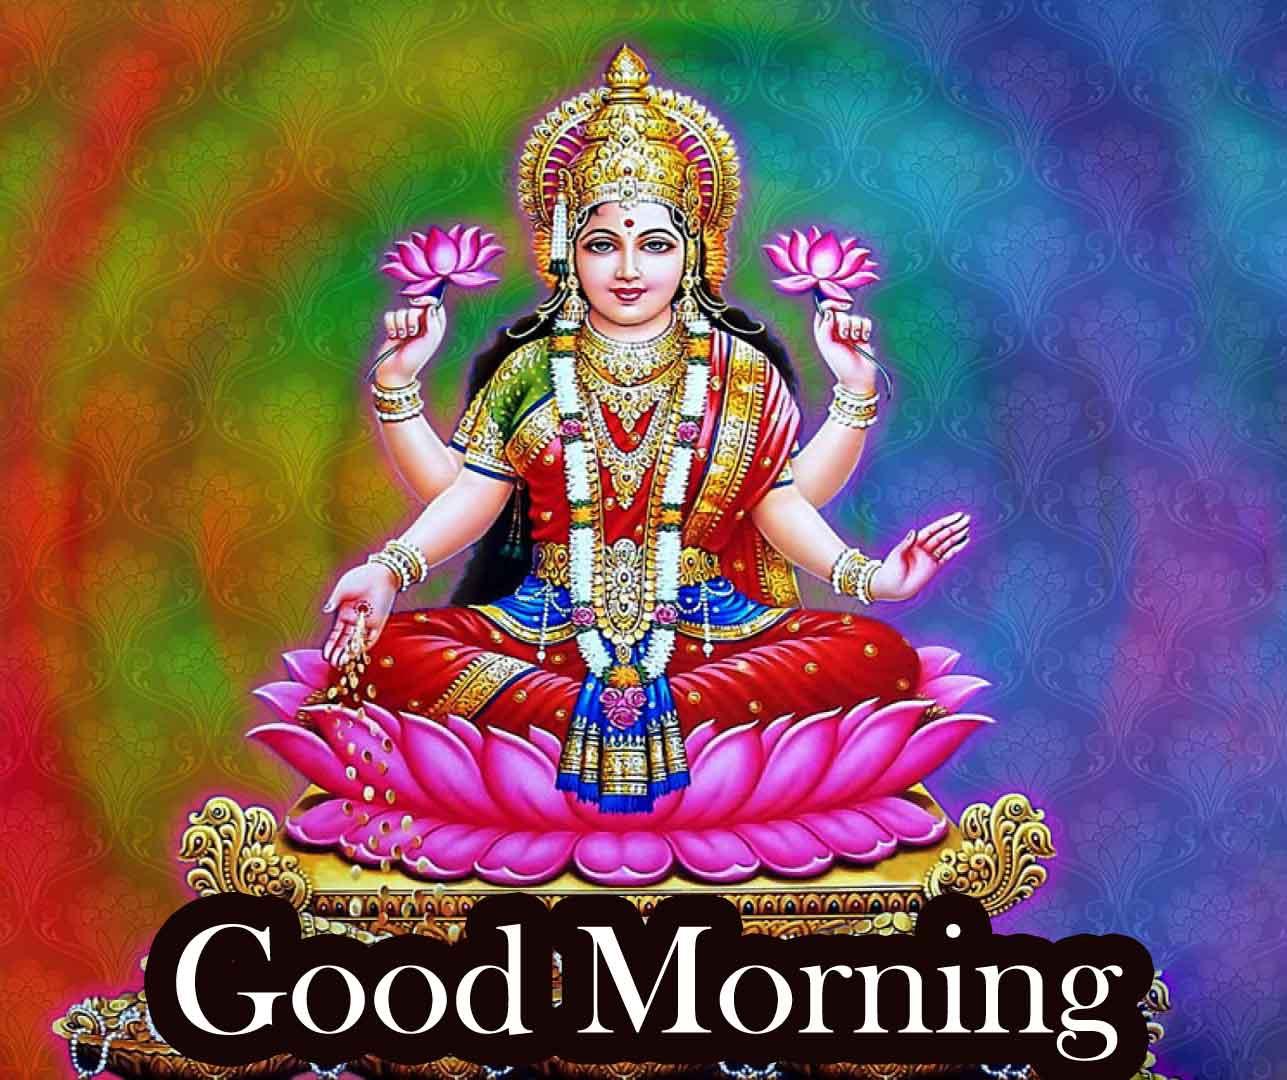 god lakshmi images full hd